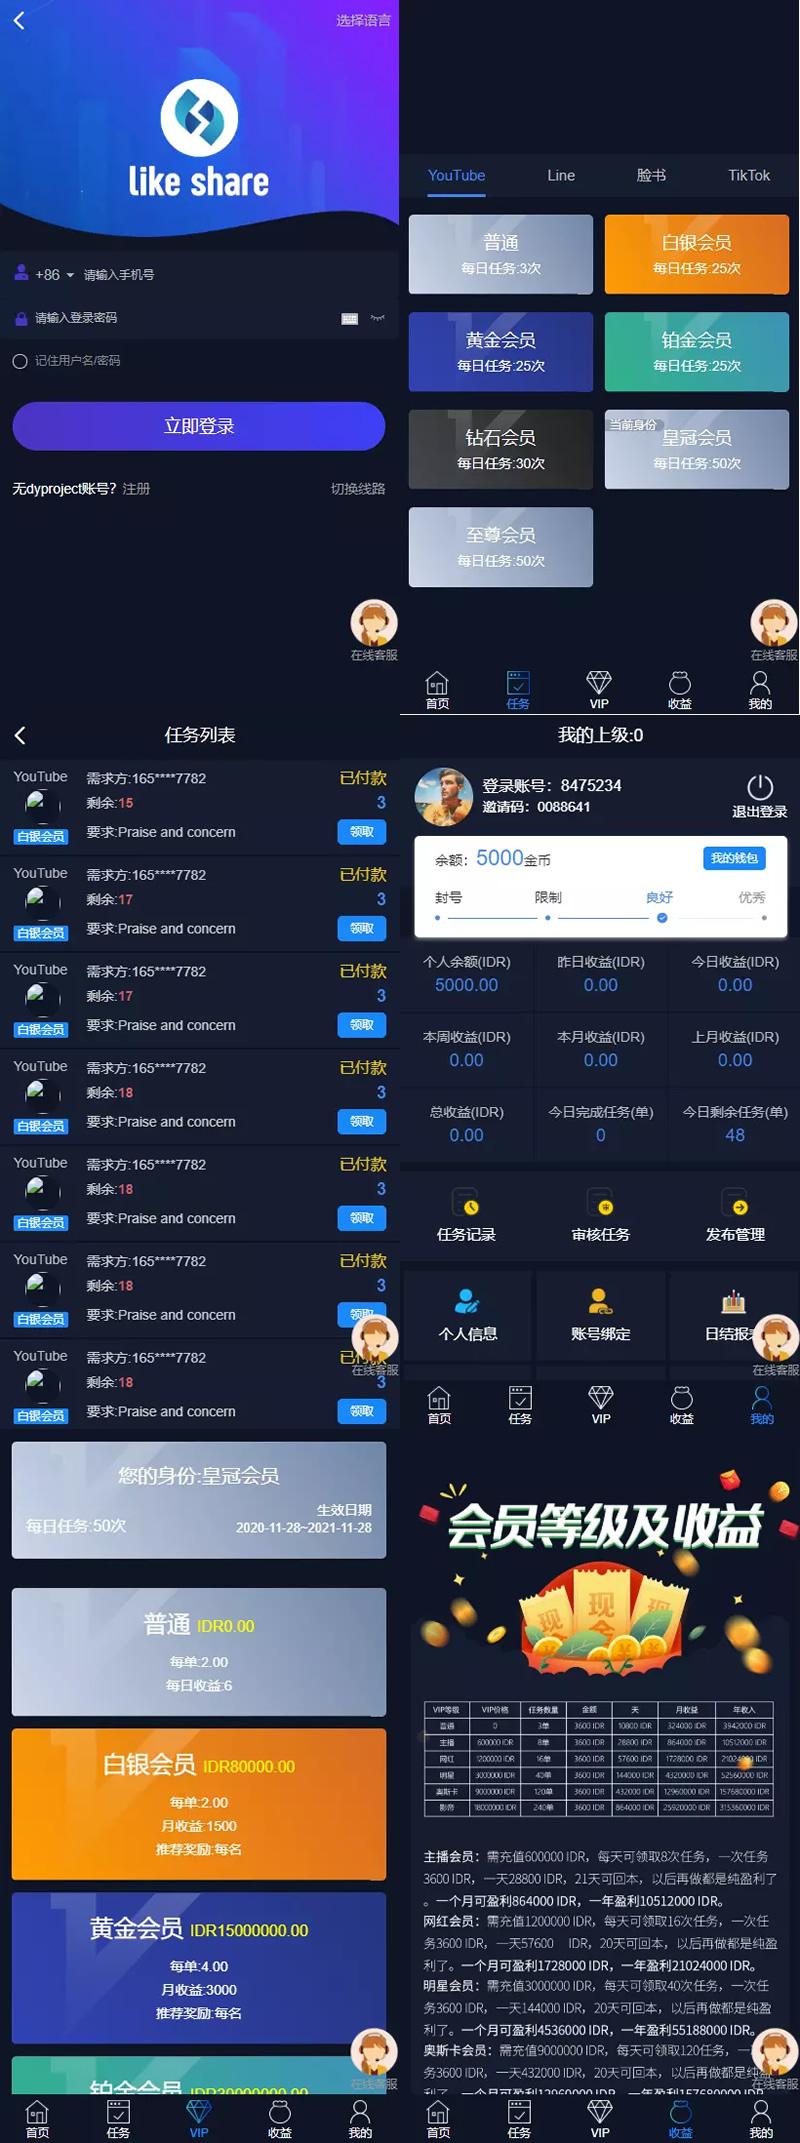 【任务点赞】国际多语言版抖音+快手+脸书+LINE+TIKTOK悬赏平台 第1张